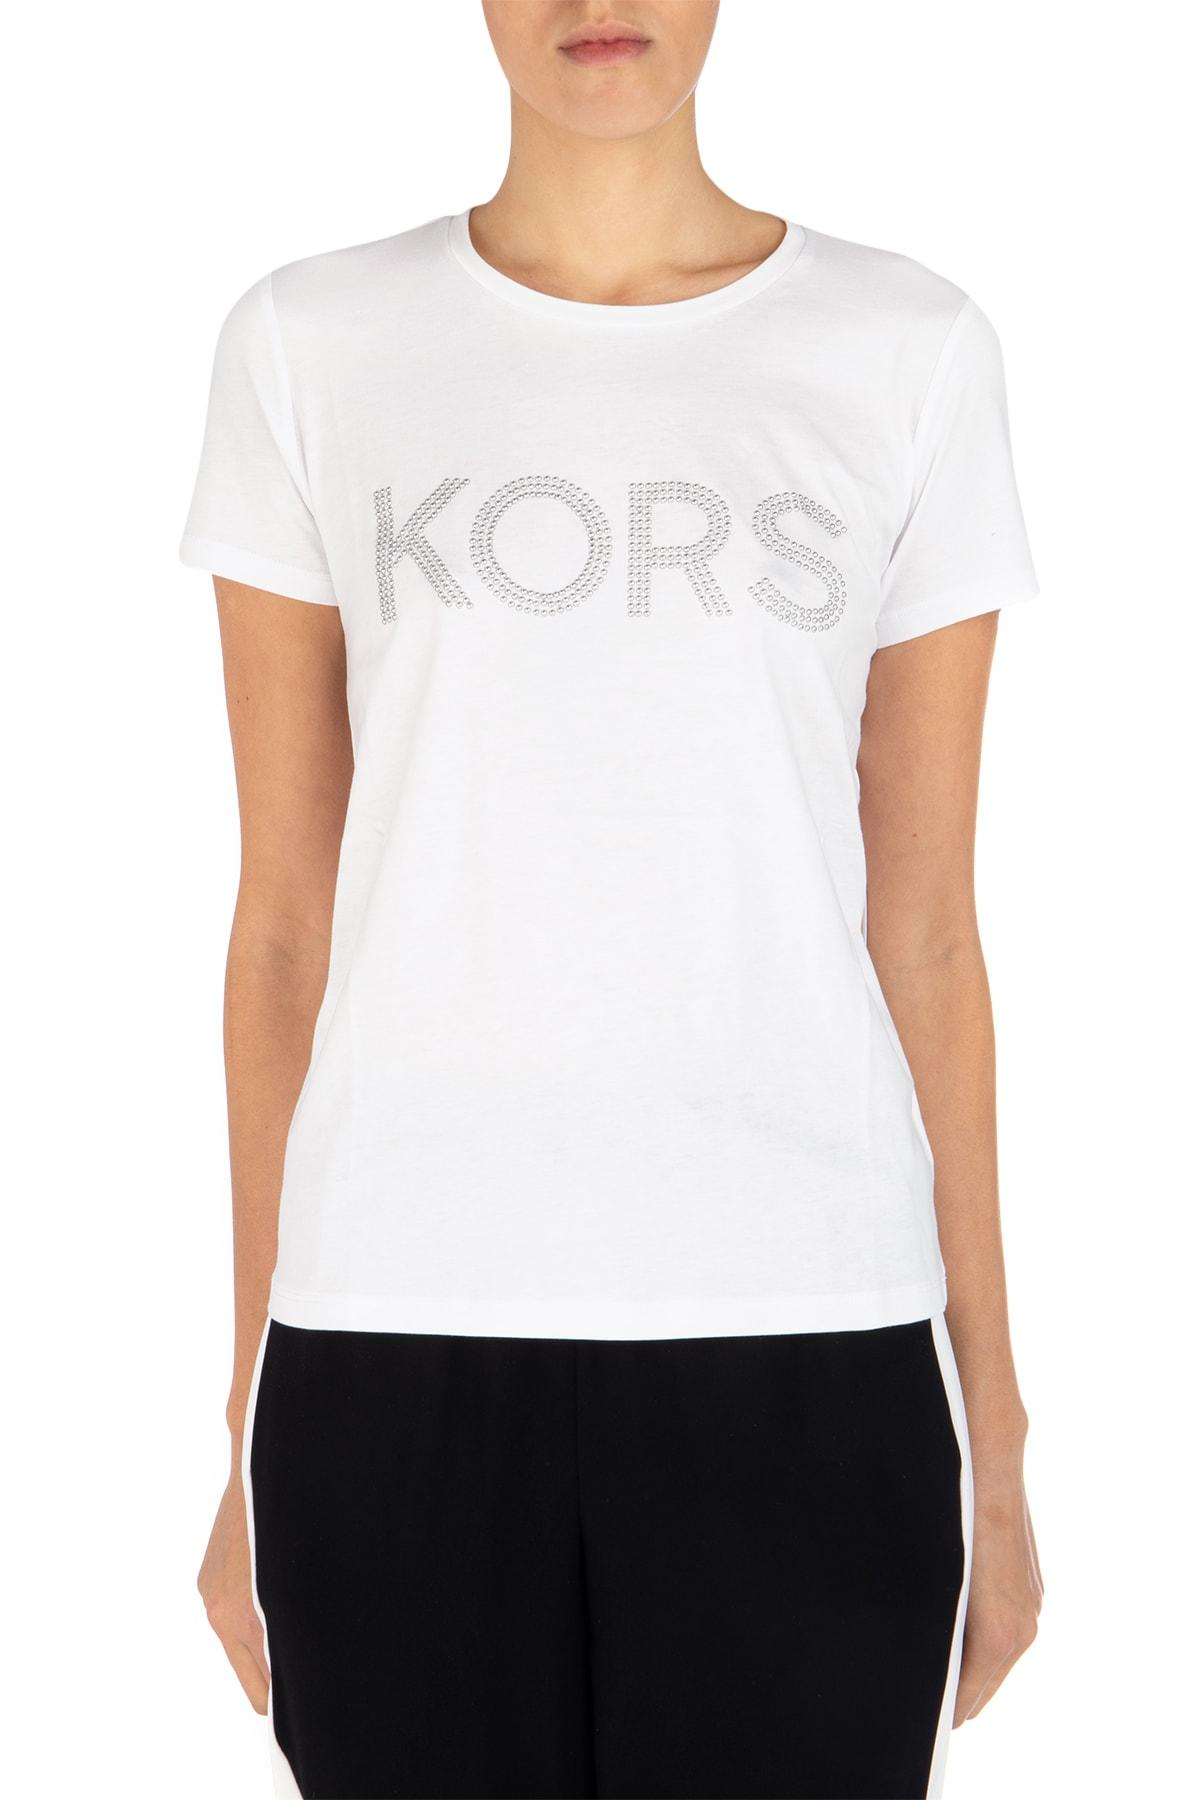 Cod Shirt Donna Michael Kors T bfv7gyY6